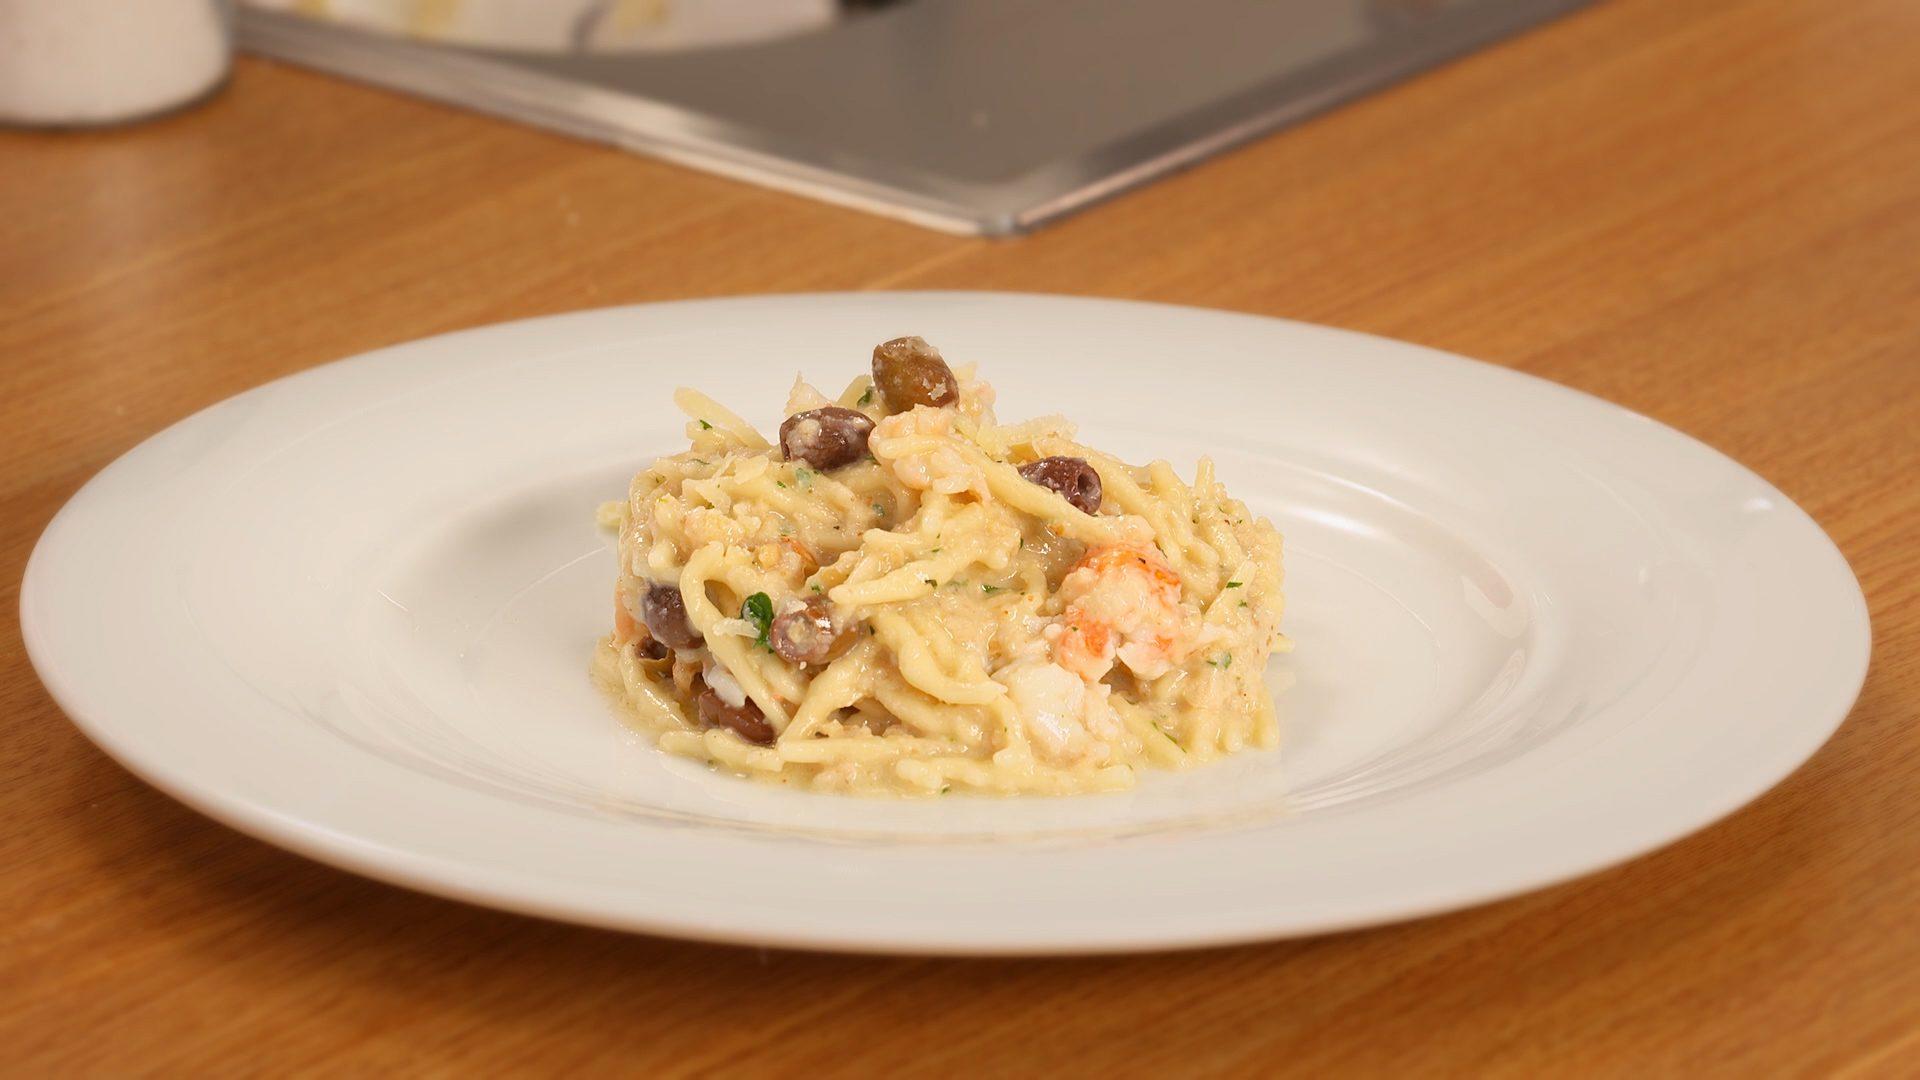 Trofiette con salsa di noci, scampi e olive taggiasche: semplicemente perfette